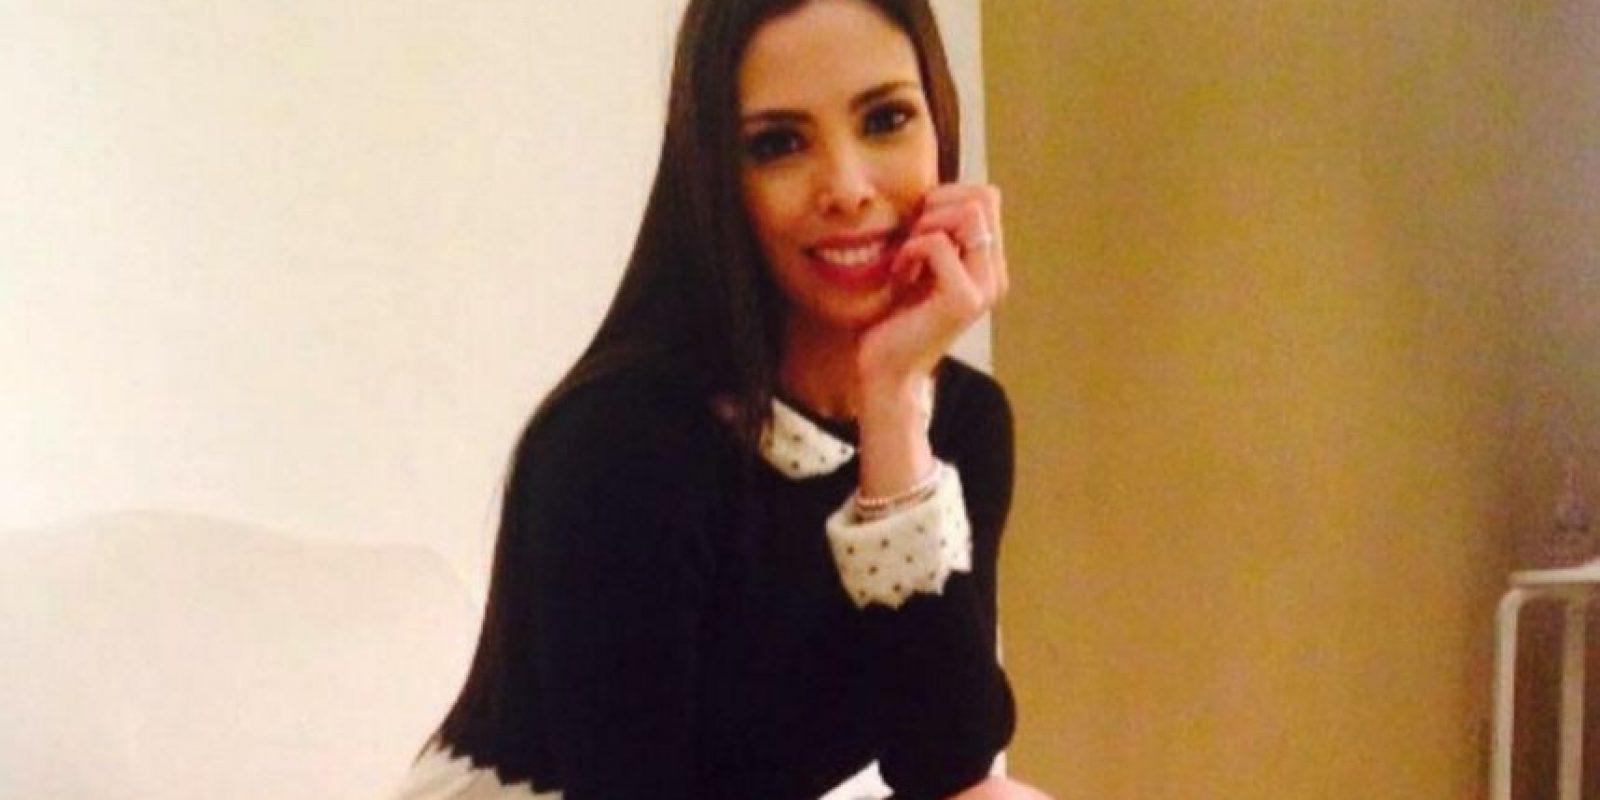 Formó parte del staff de modelos de Leandro Santos, quien estuvo en la mira de la justicia uruguaya por un caso de supuesta prostitución VIP. Foto:Vía instagram.com/maypidelgado/